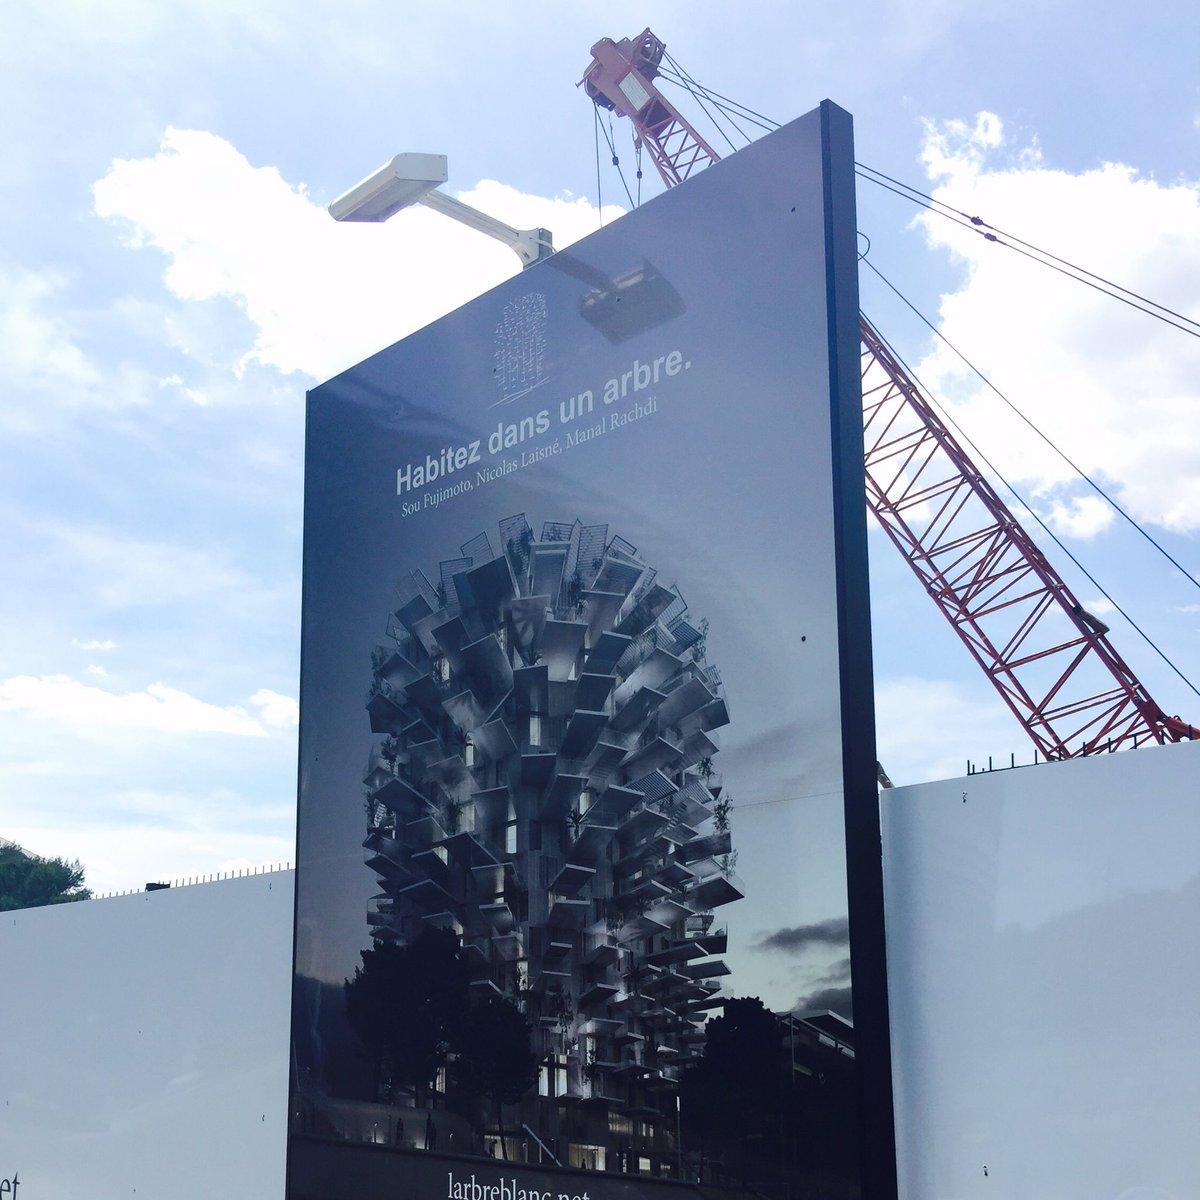 モンペリエの集合住宅、着工です https://t.co/oyzvu8c1HW